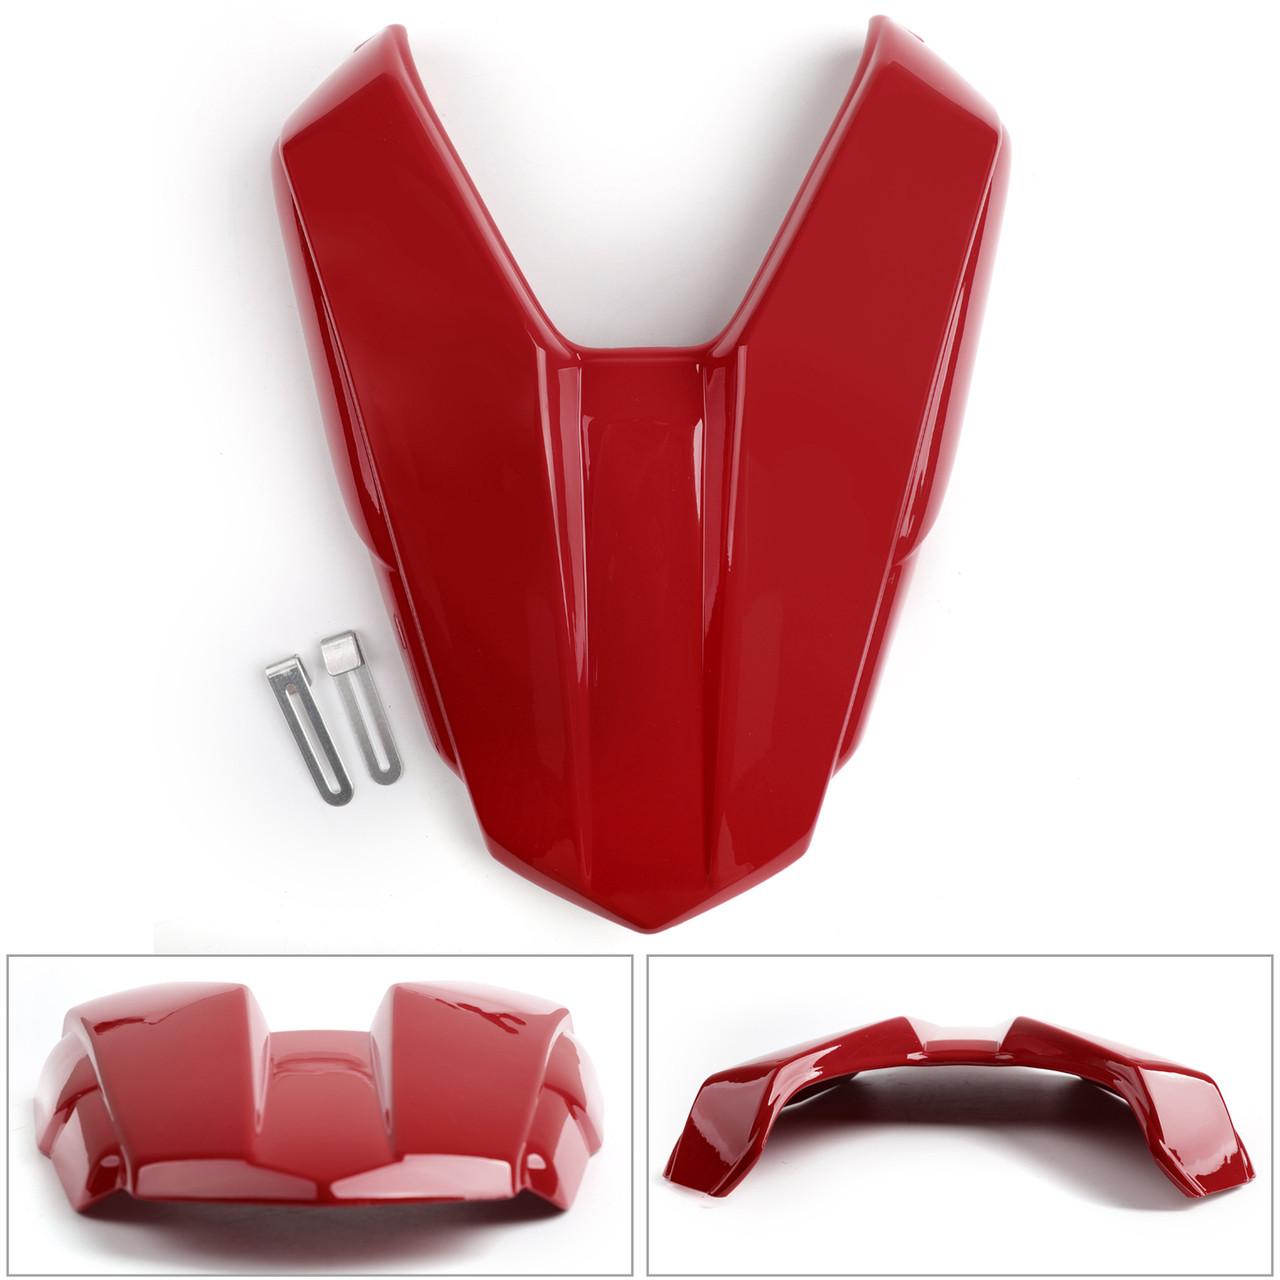 Rear Seat Passenger Cover Cowl Fairing For Honda CB500F 16-2018 CBR500R 2016-19 PearlRed